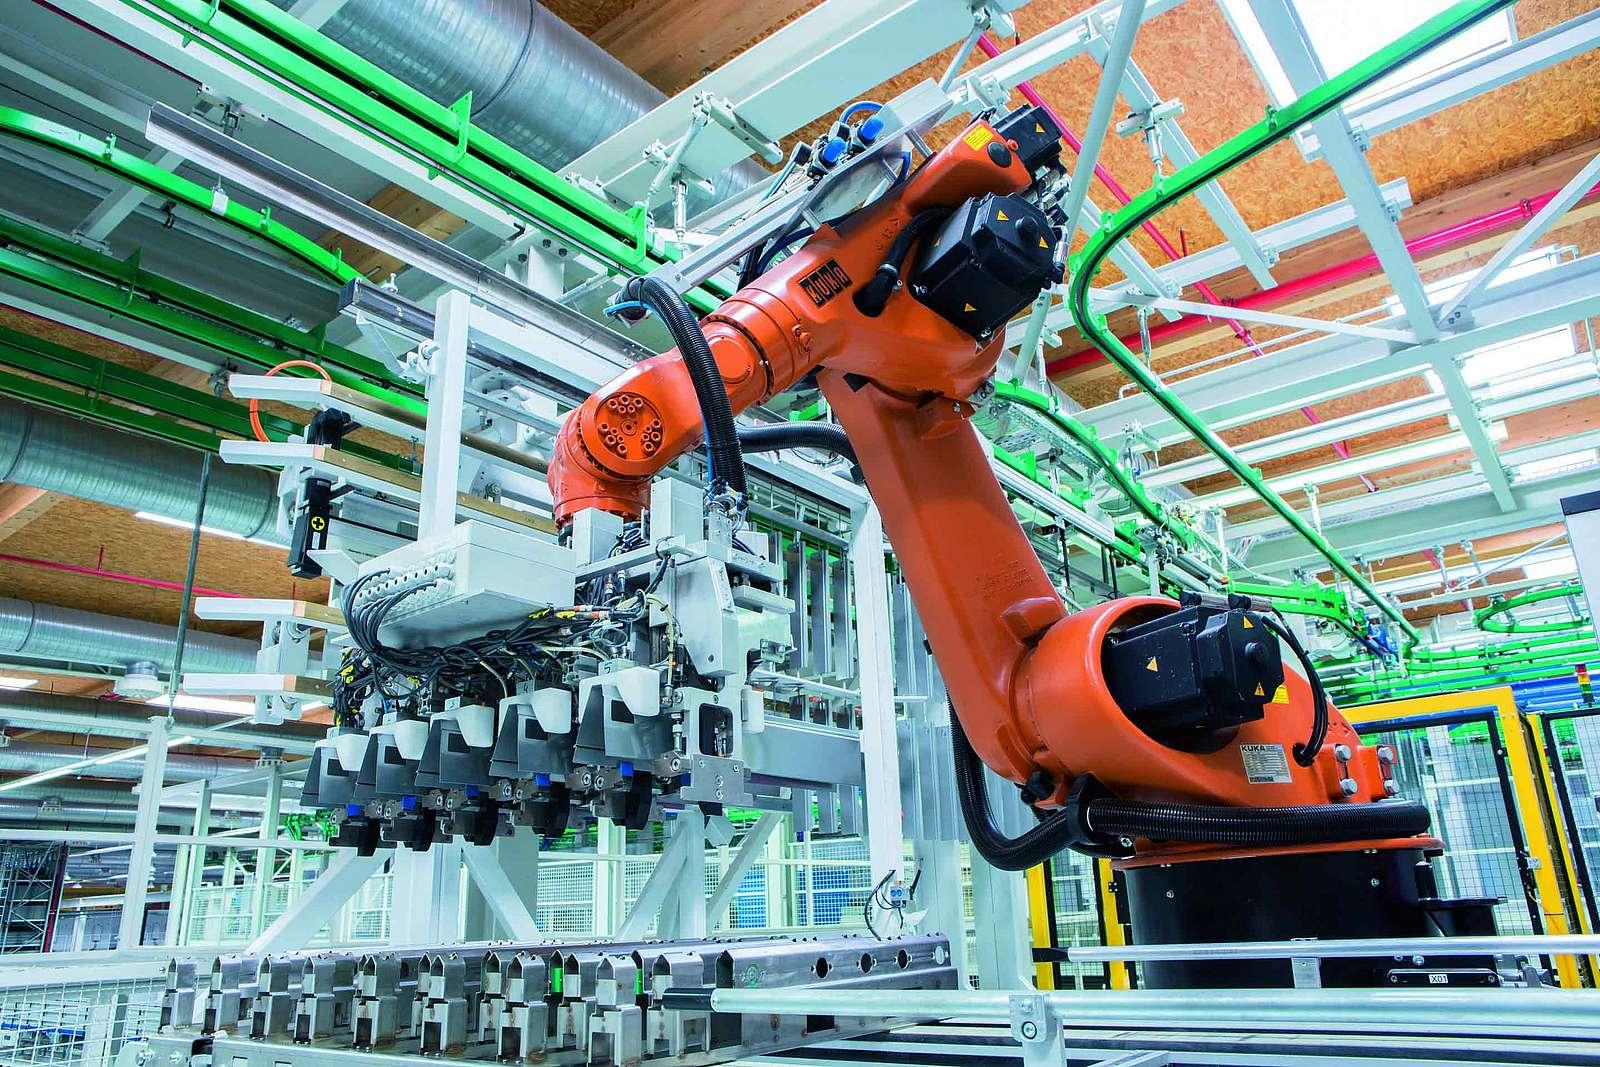 Durch die Förderung konnten in der Automatisierungstechnik neue digitale Lösungen erarbeitet werden. Das Spektrum reicht von intelligenten Steuerungen und Antrieben über Data Analytics, durchgängige Datennutzung bis hin zur kollaborativer Robotik